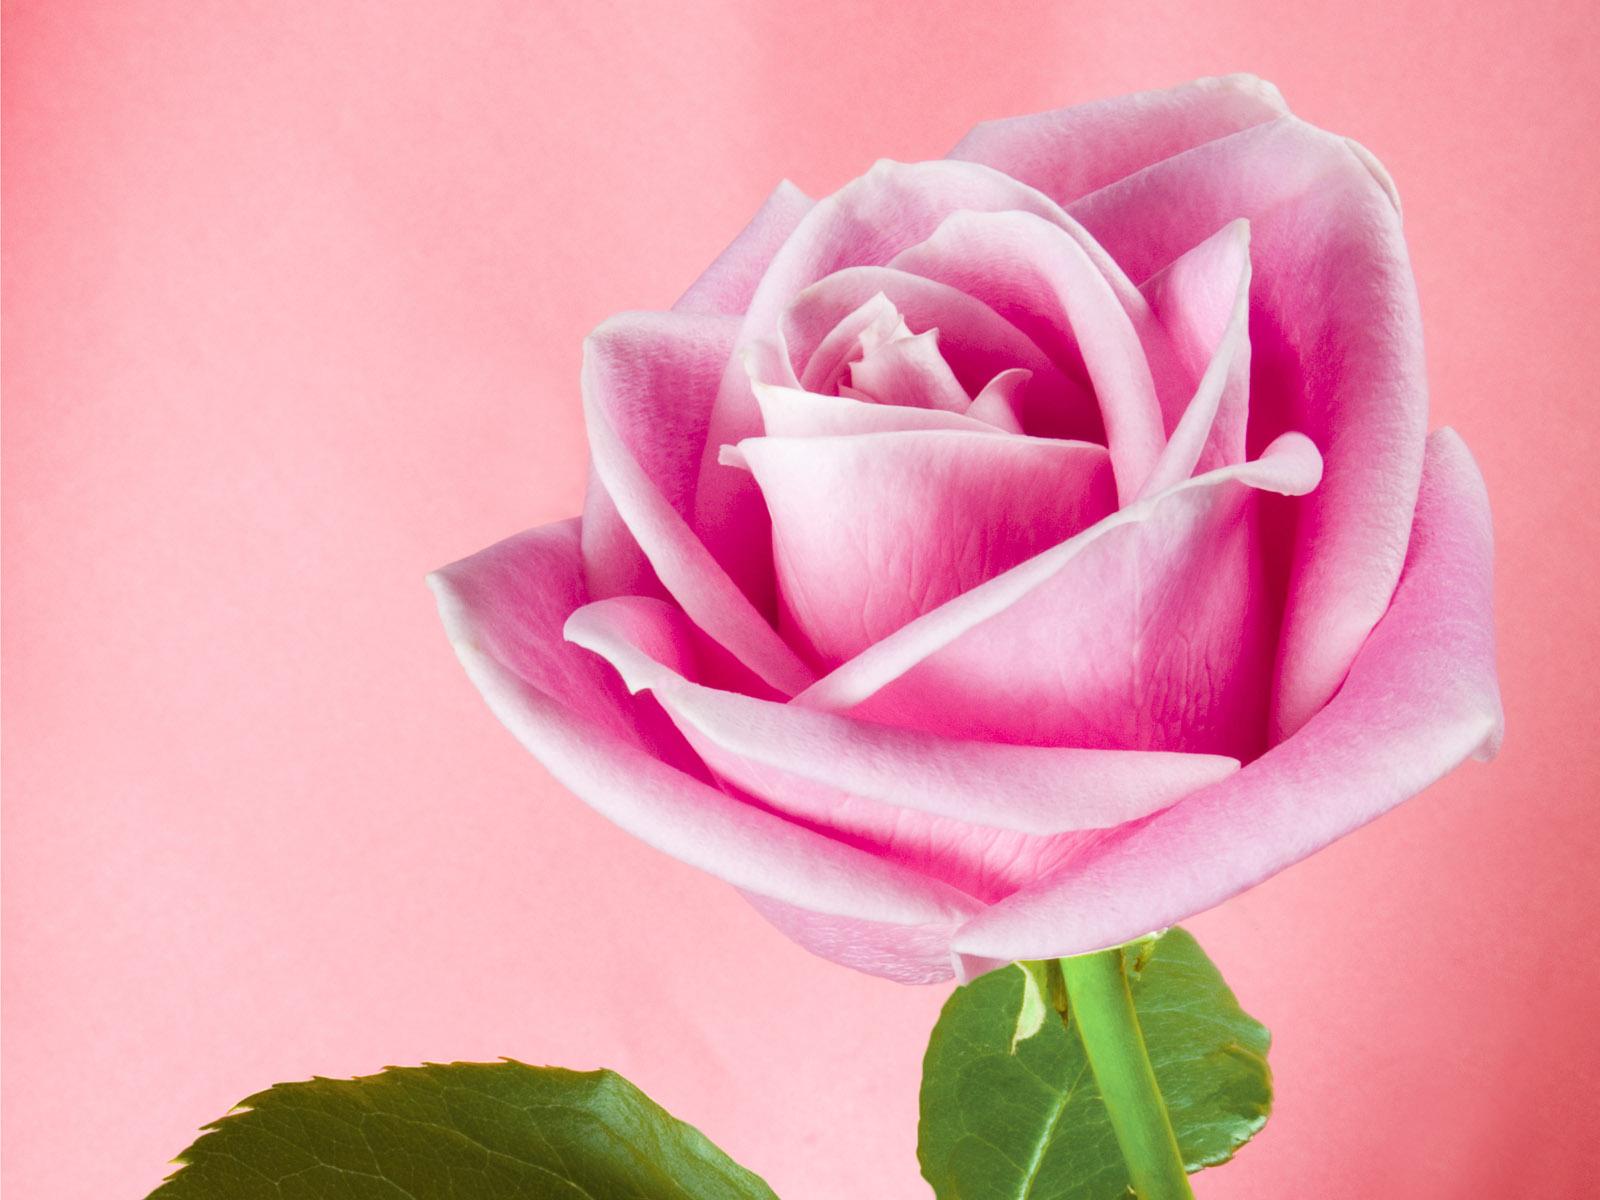 pink roses pink rose wallpaper light pink roses pink rose 1600x1200